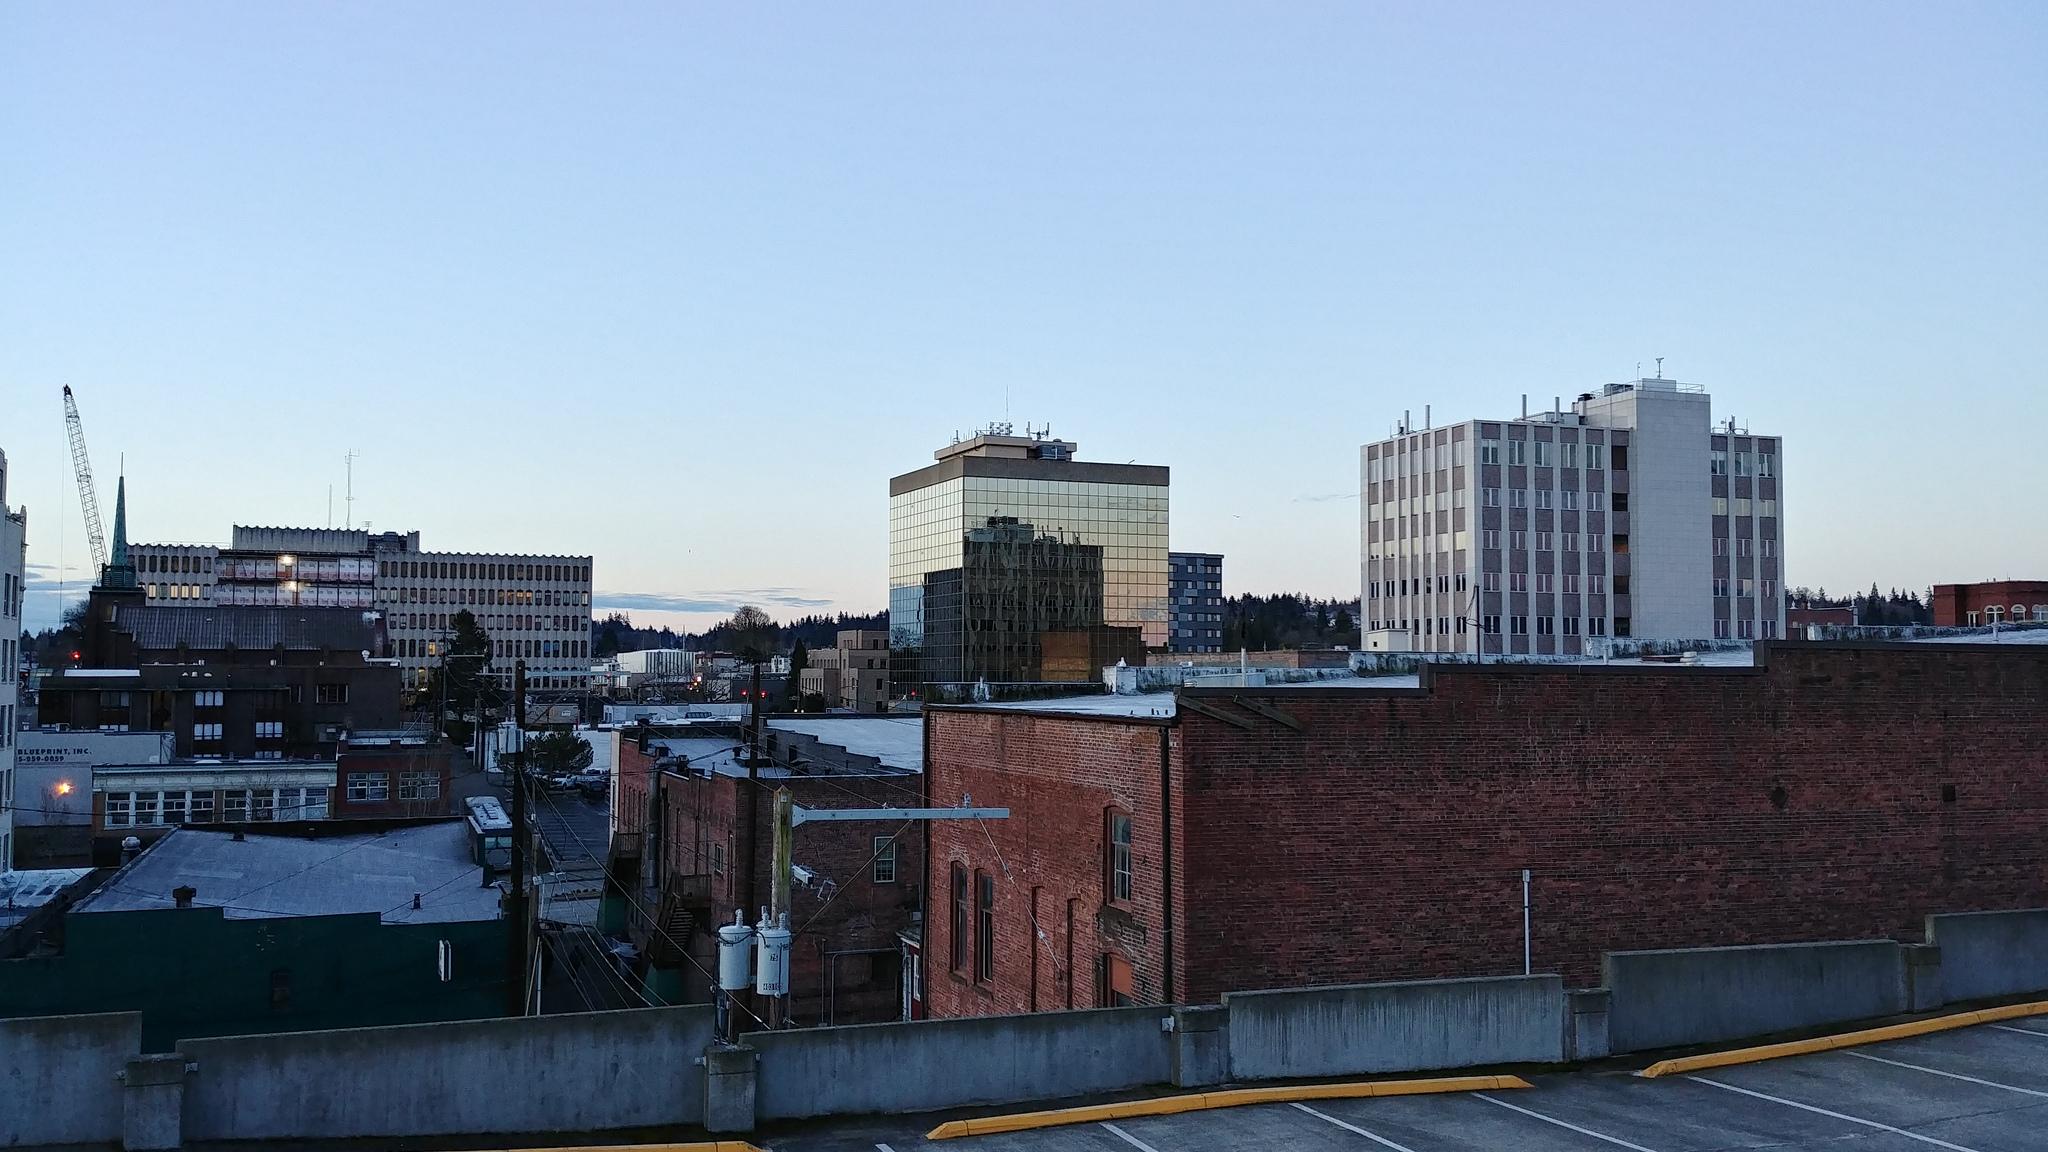 Downtown Everett from Port Gardner Parking // Christopher Bragg